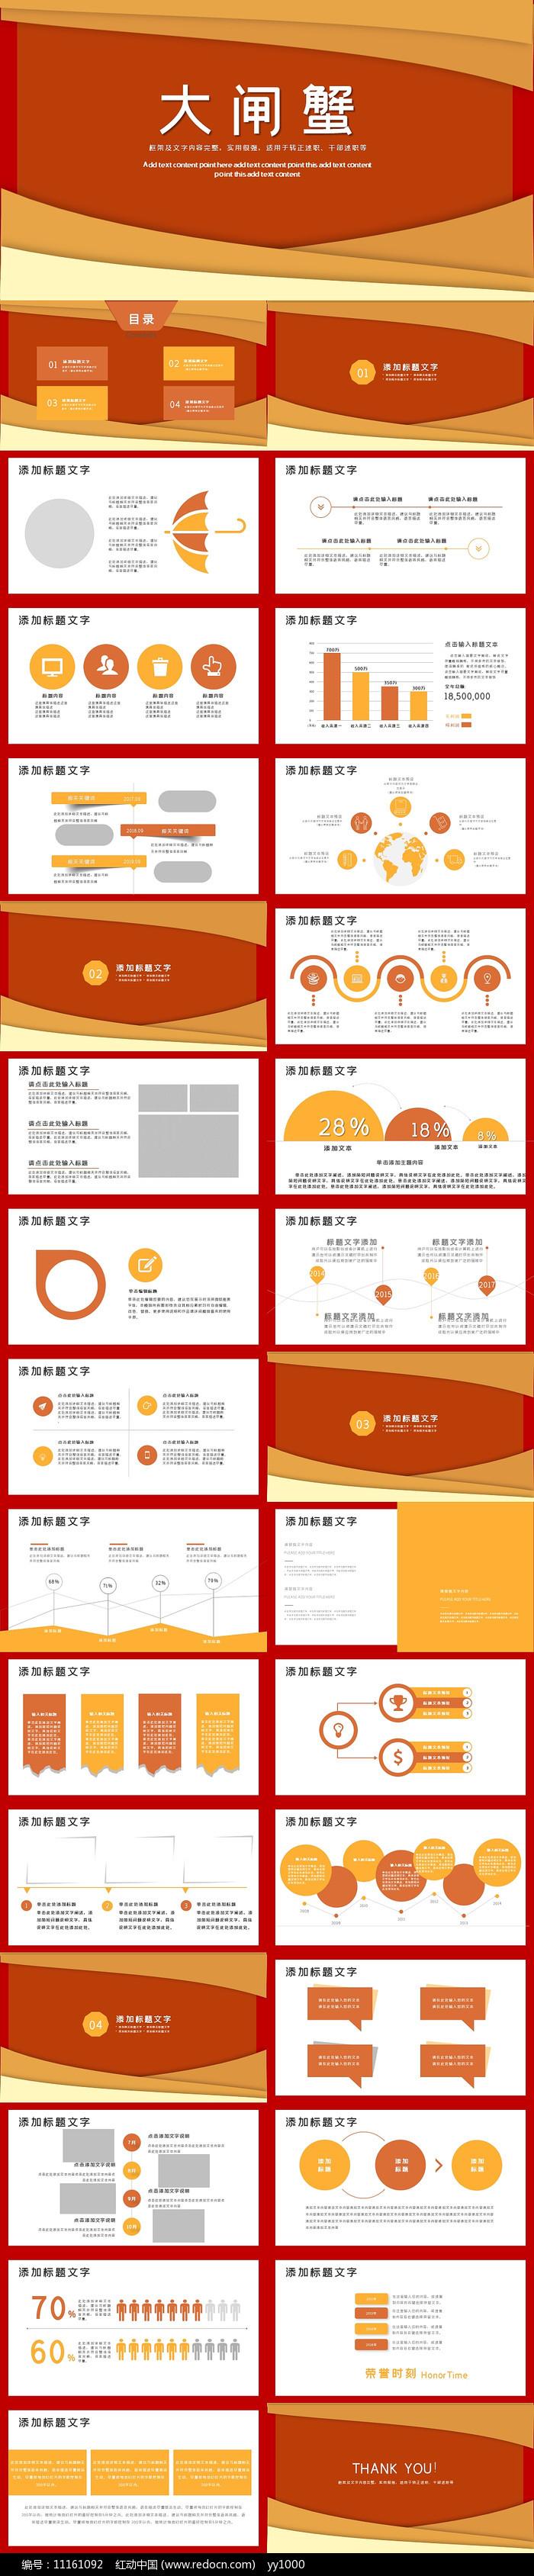 大闸蟹中国美食文化PPT模板图片